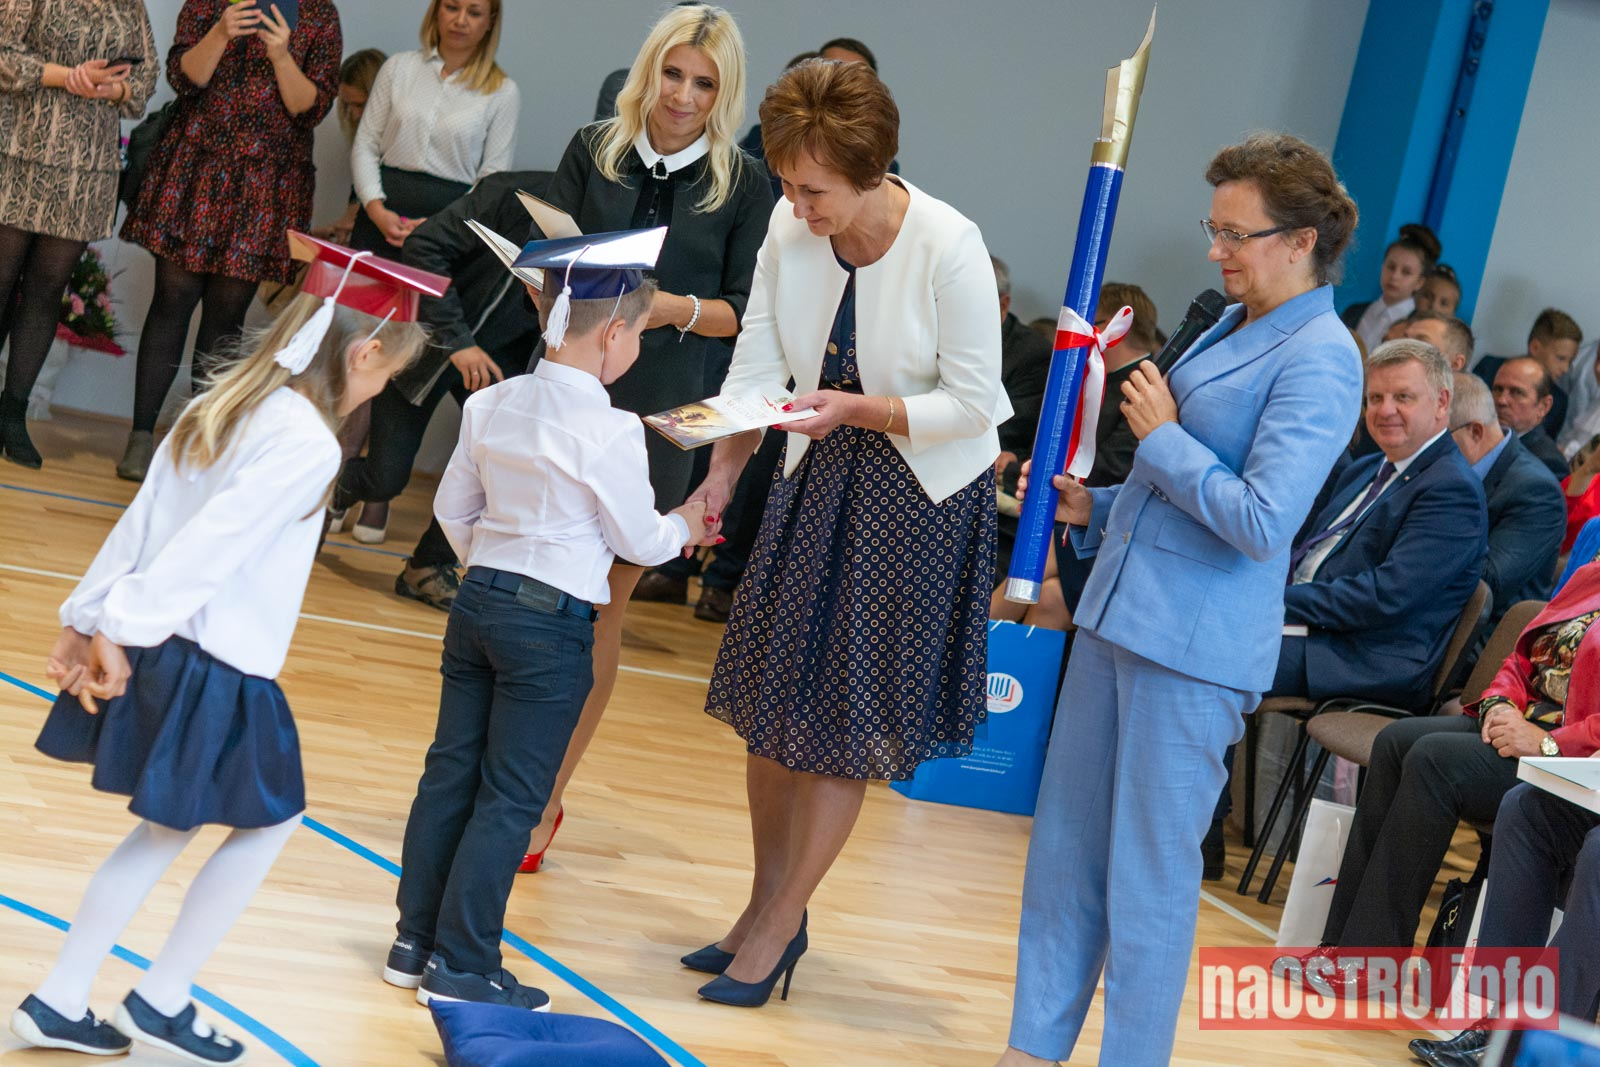 NaOSTRO Otwarcie Szkoły w Bałtowie-157